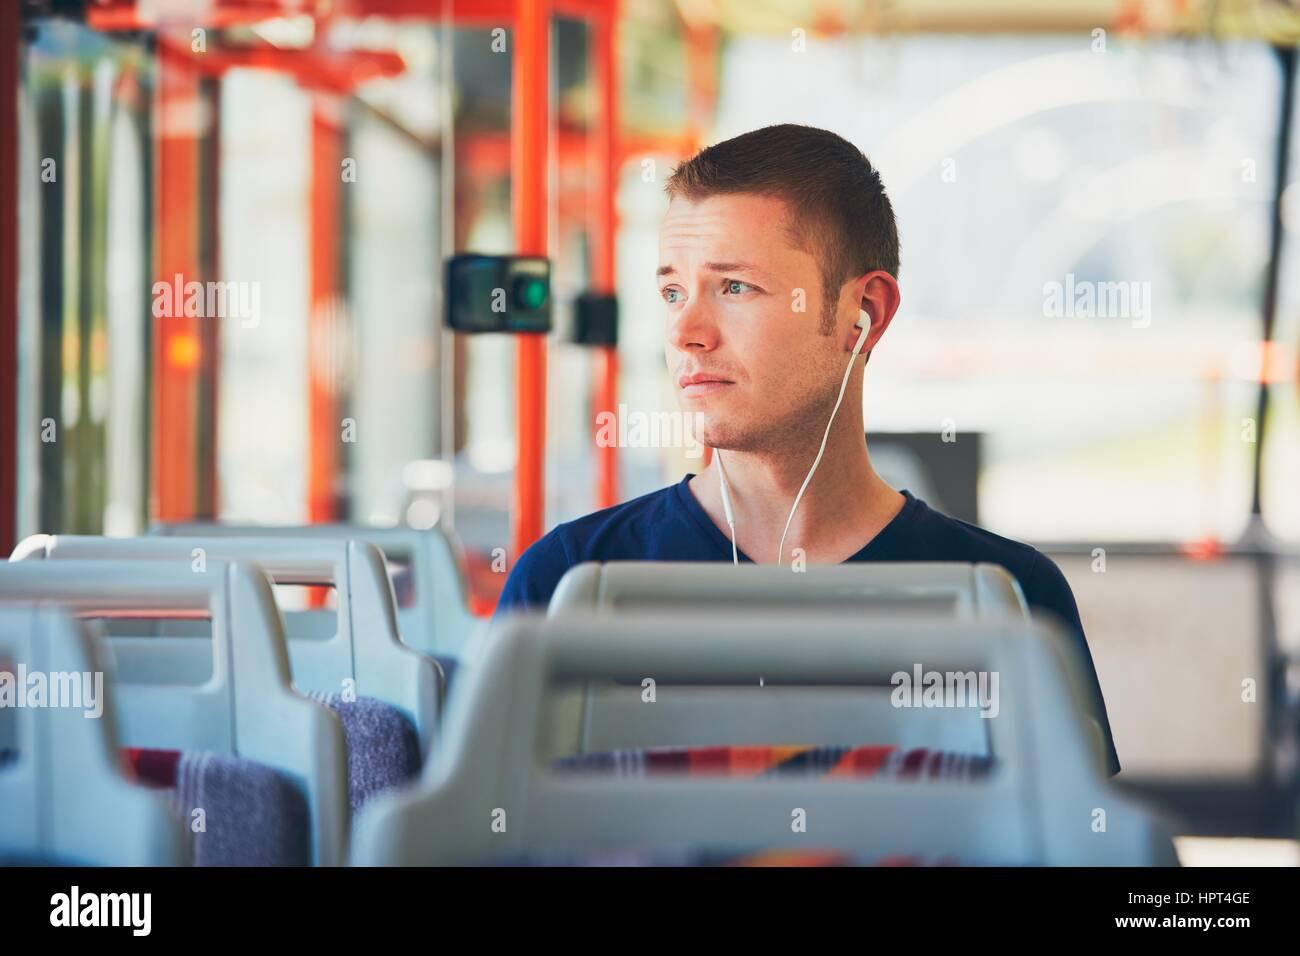 Trauriger junger Mann reist mit der Straßenbahn (Bus). Alltag und pendeln zur Arbeit mit öffentlichen Stockbild